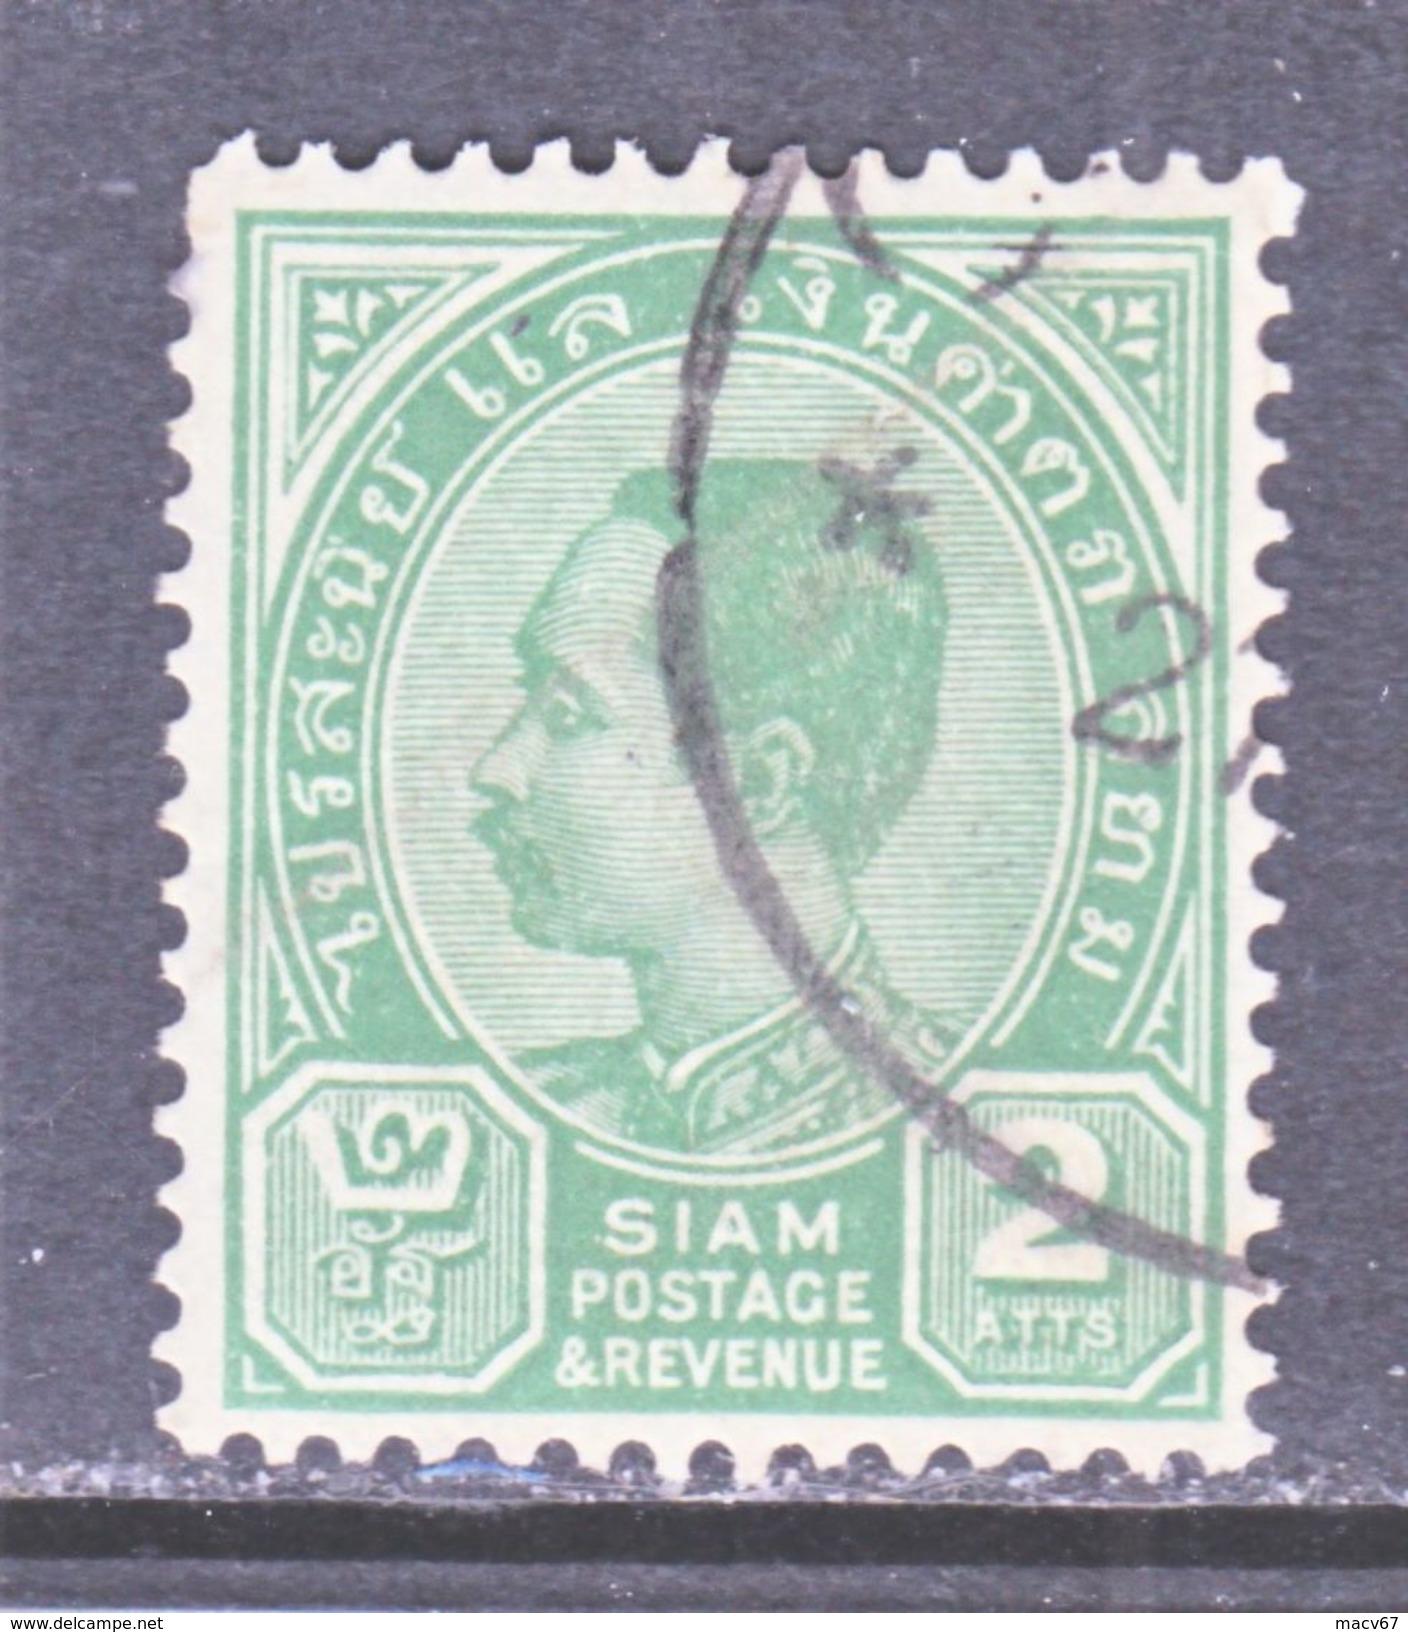 SIAM   76   (o)   1899-1904  Issue - Siam